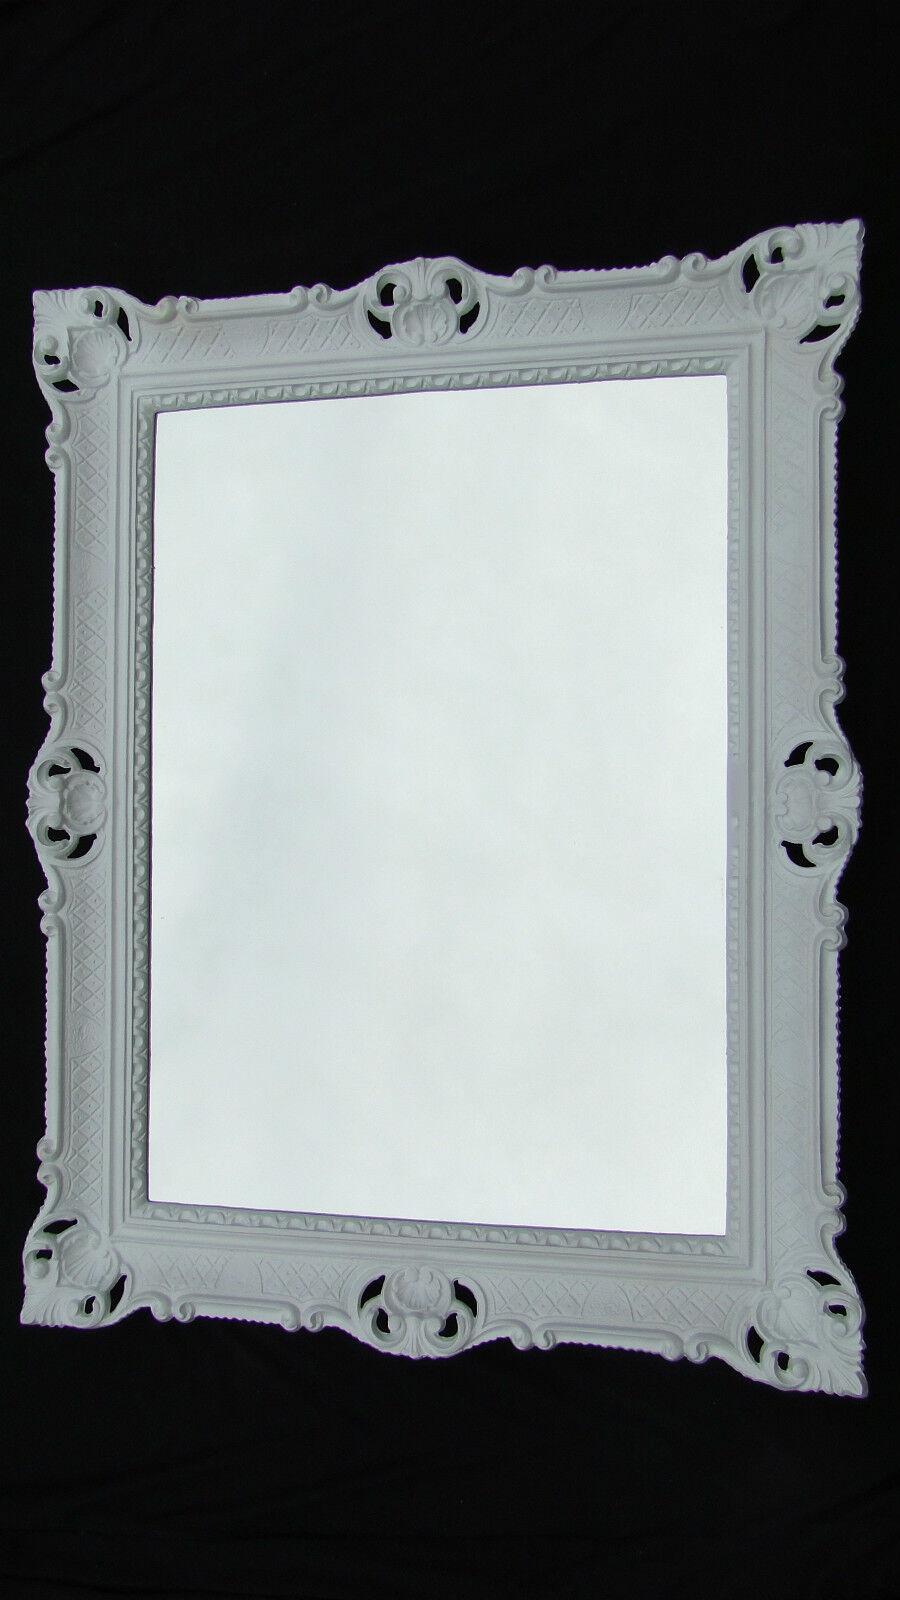 Badezimmerspiegel Rechteckig.Badspiegel Barock Schlafzimmer Spiegel Silber Bettwasche Blau